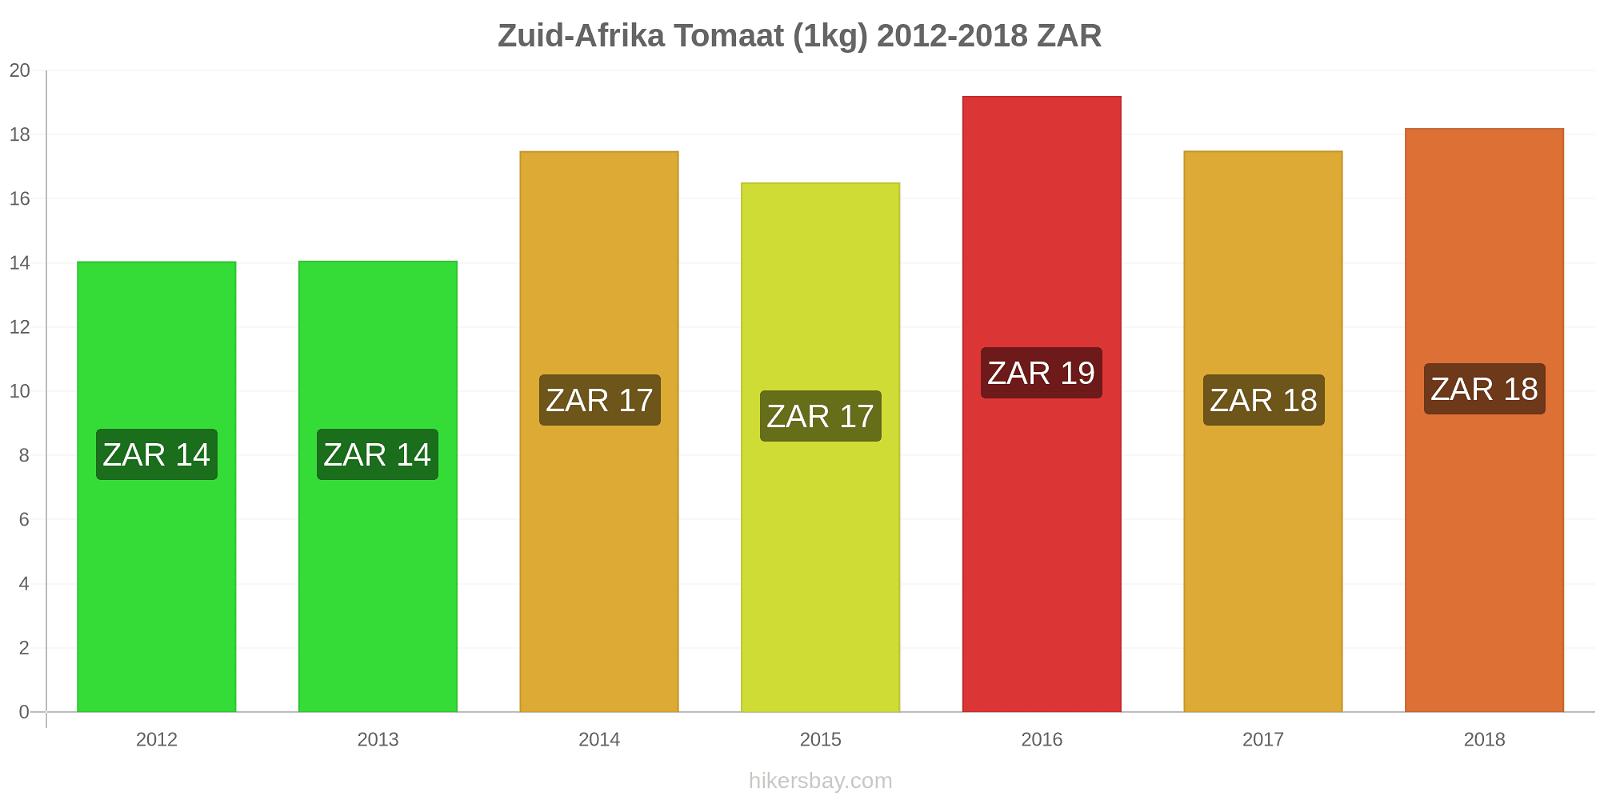 Zuid-Afrika prijswijzigingen Tomaat (1kg) hikersbay.com